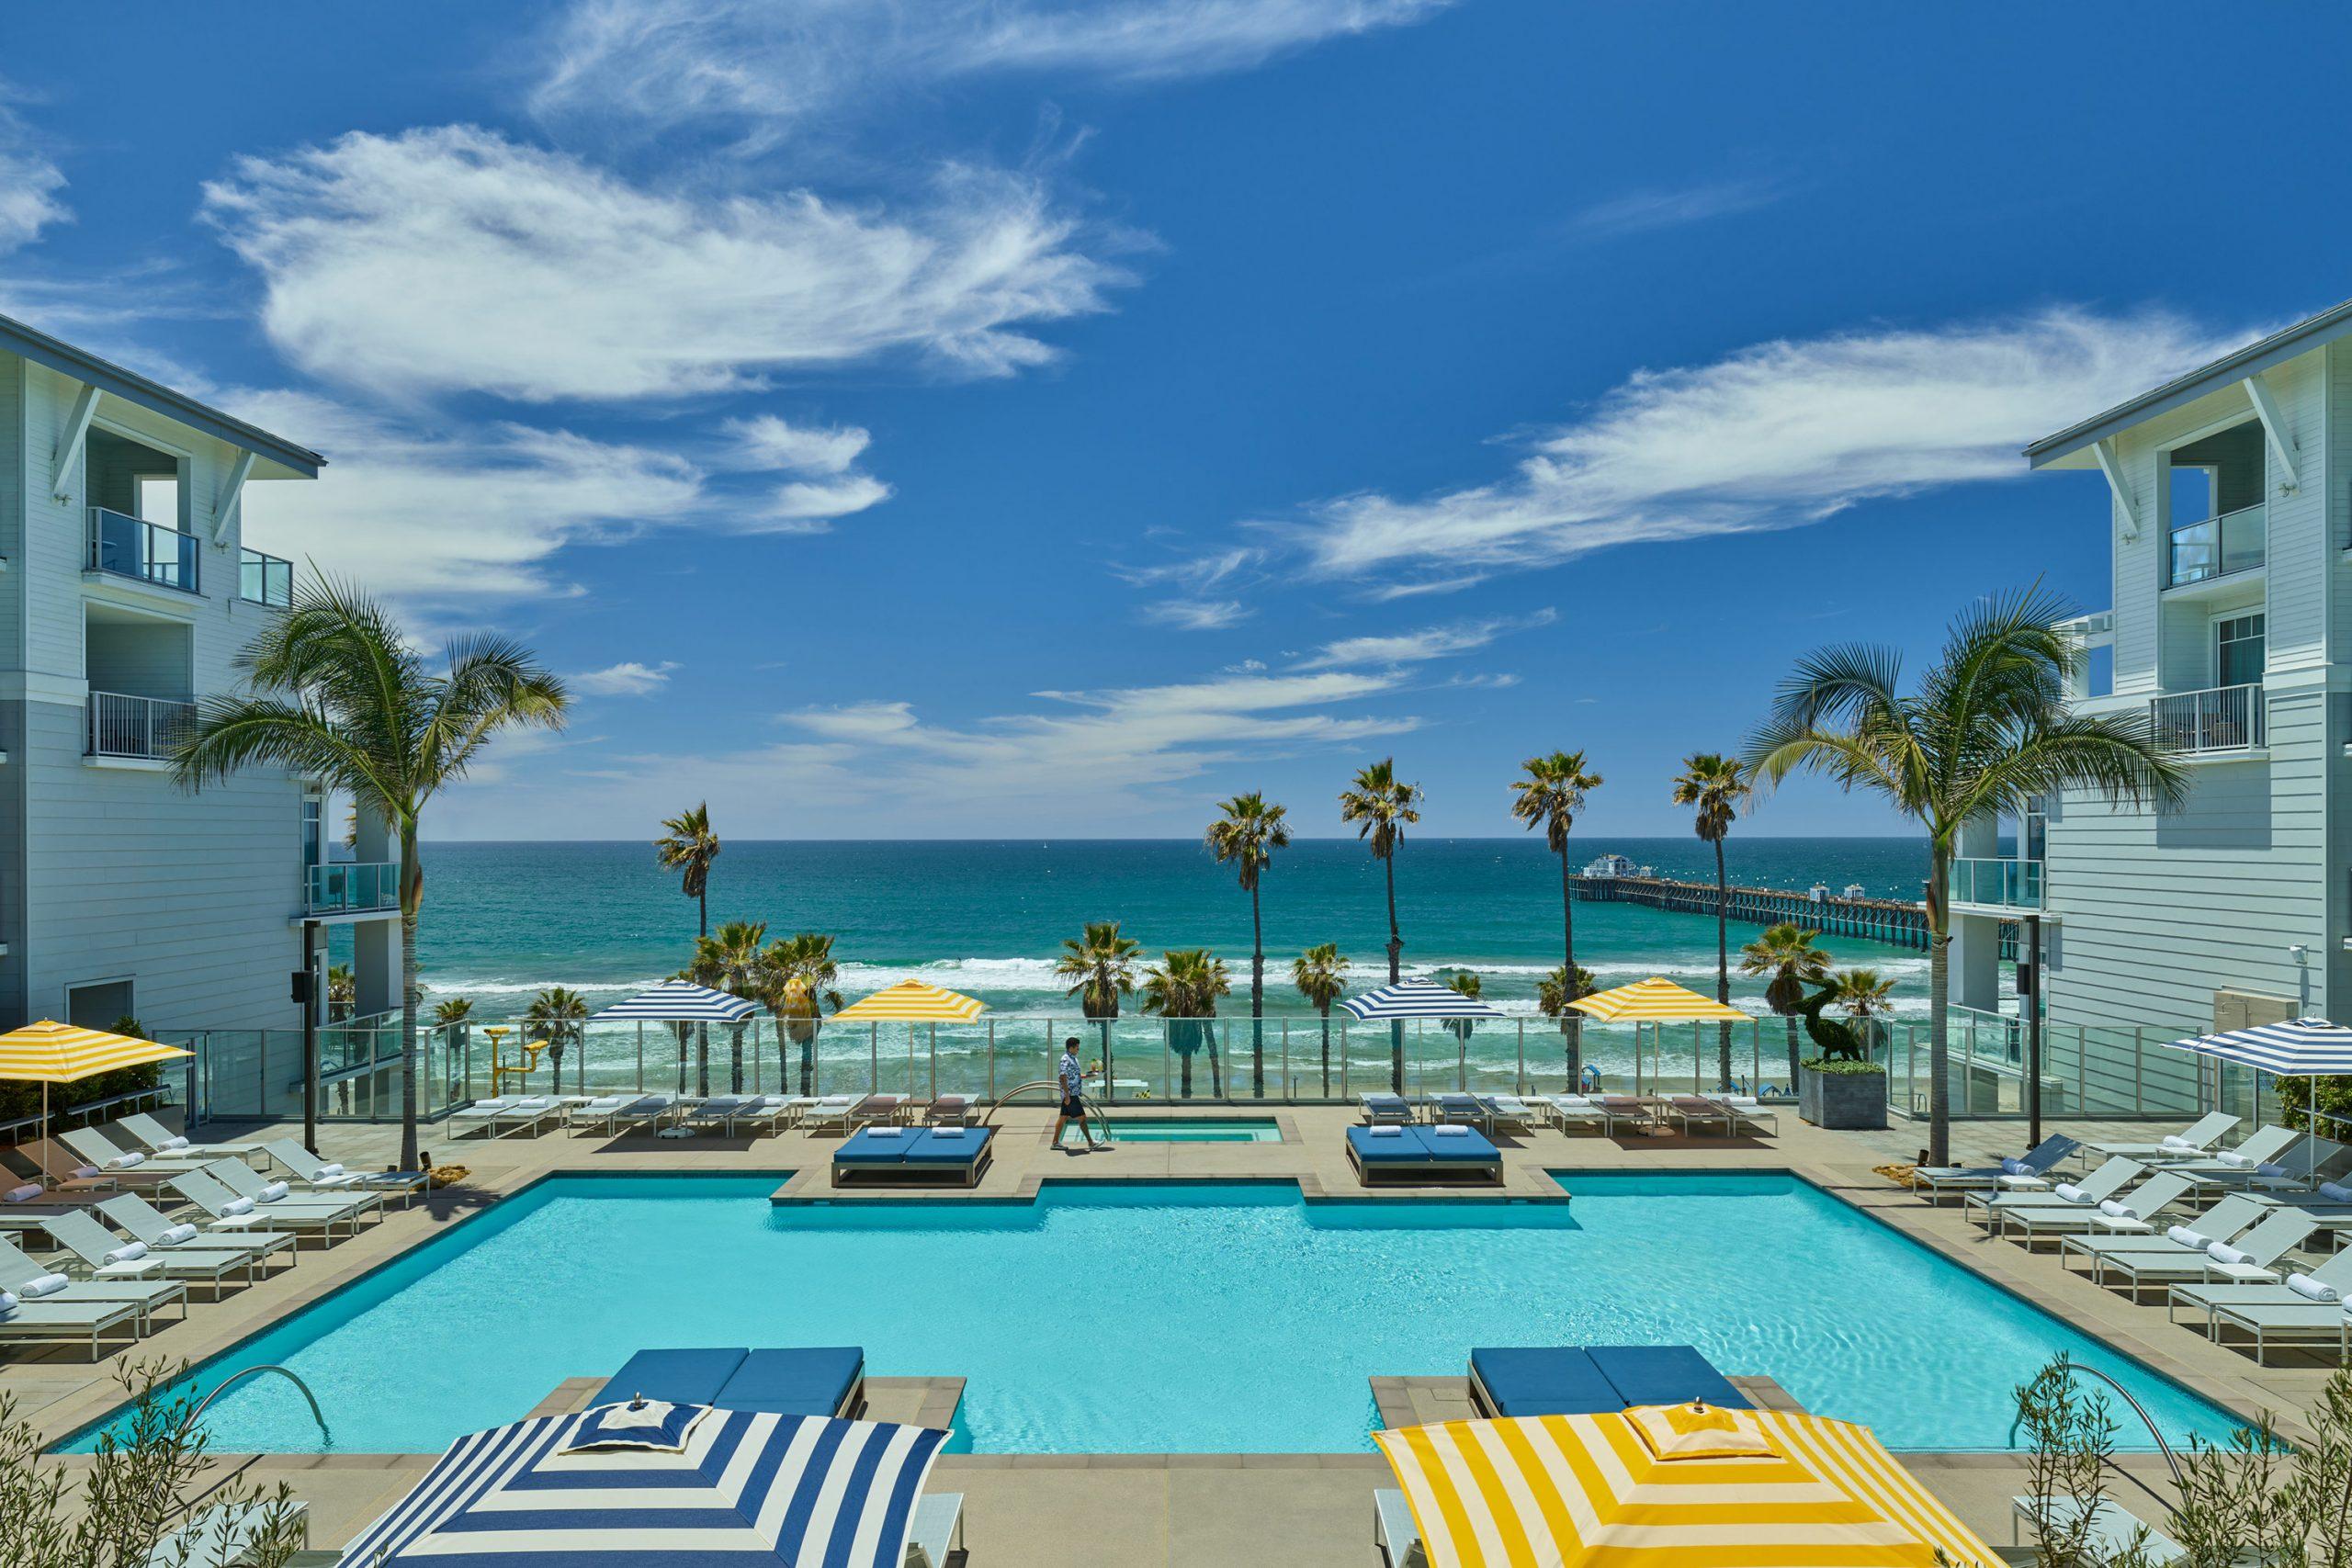 Seabird Resort pool in Oceanside